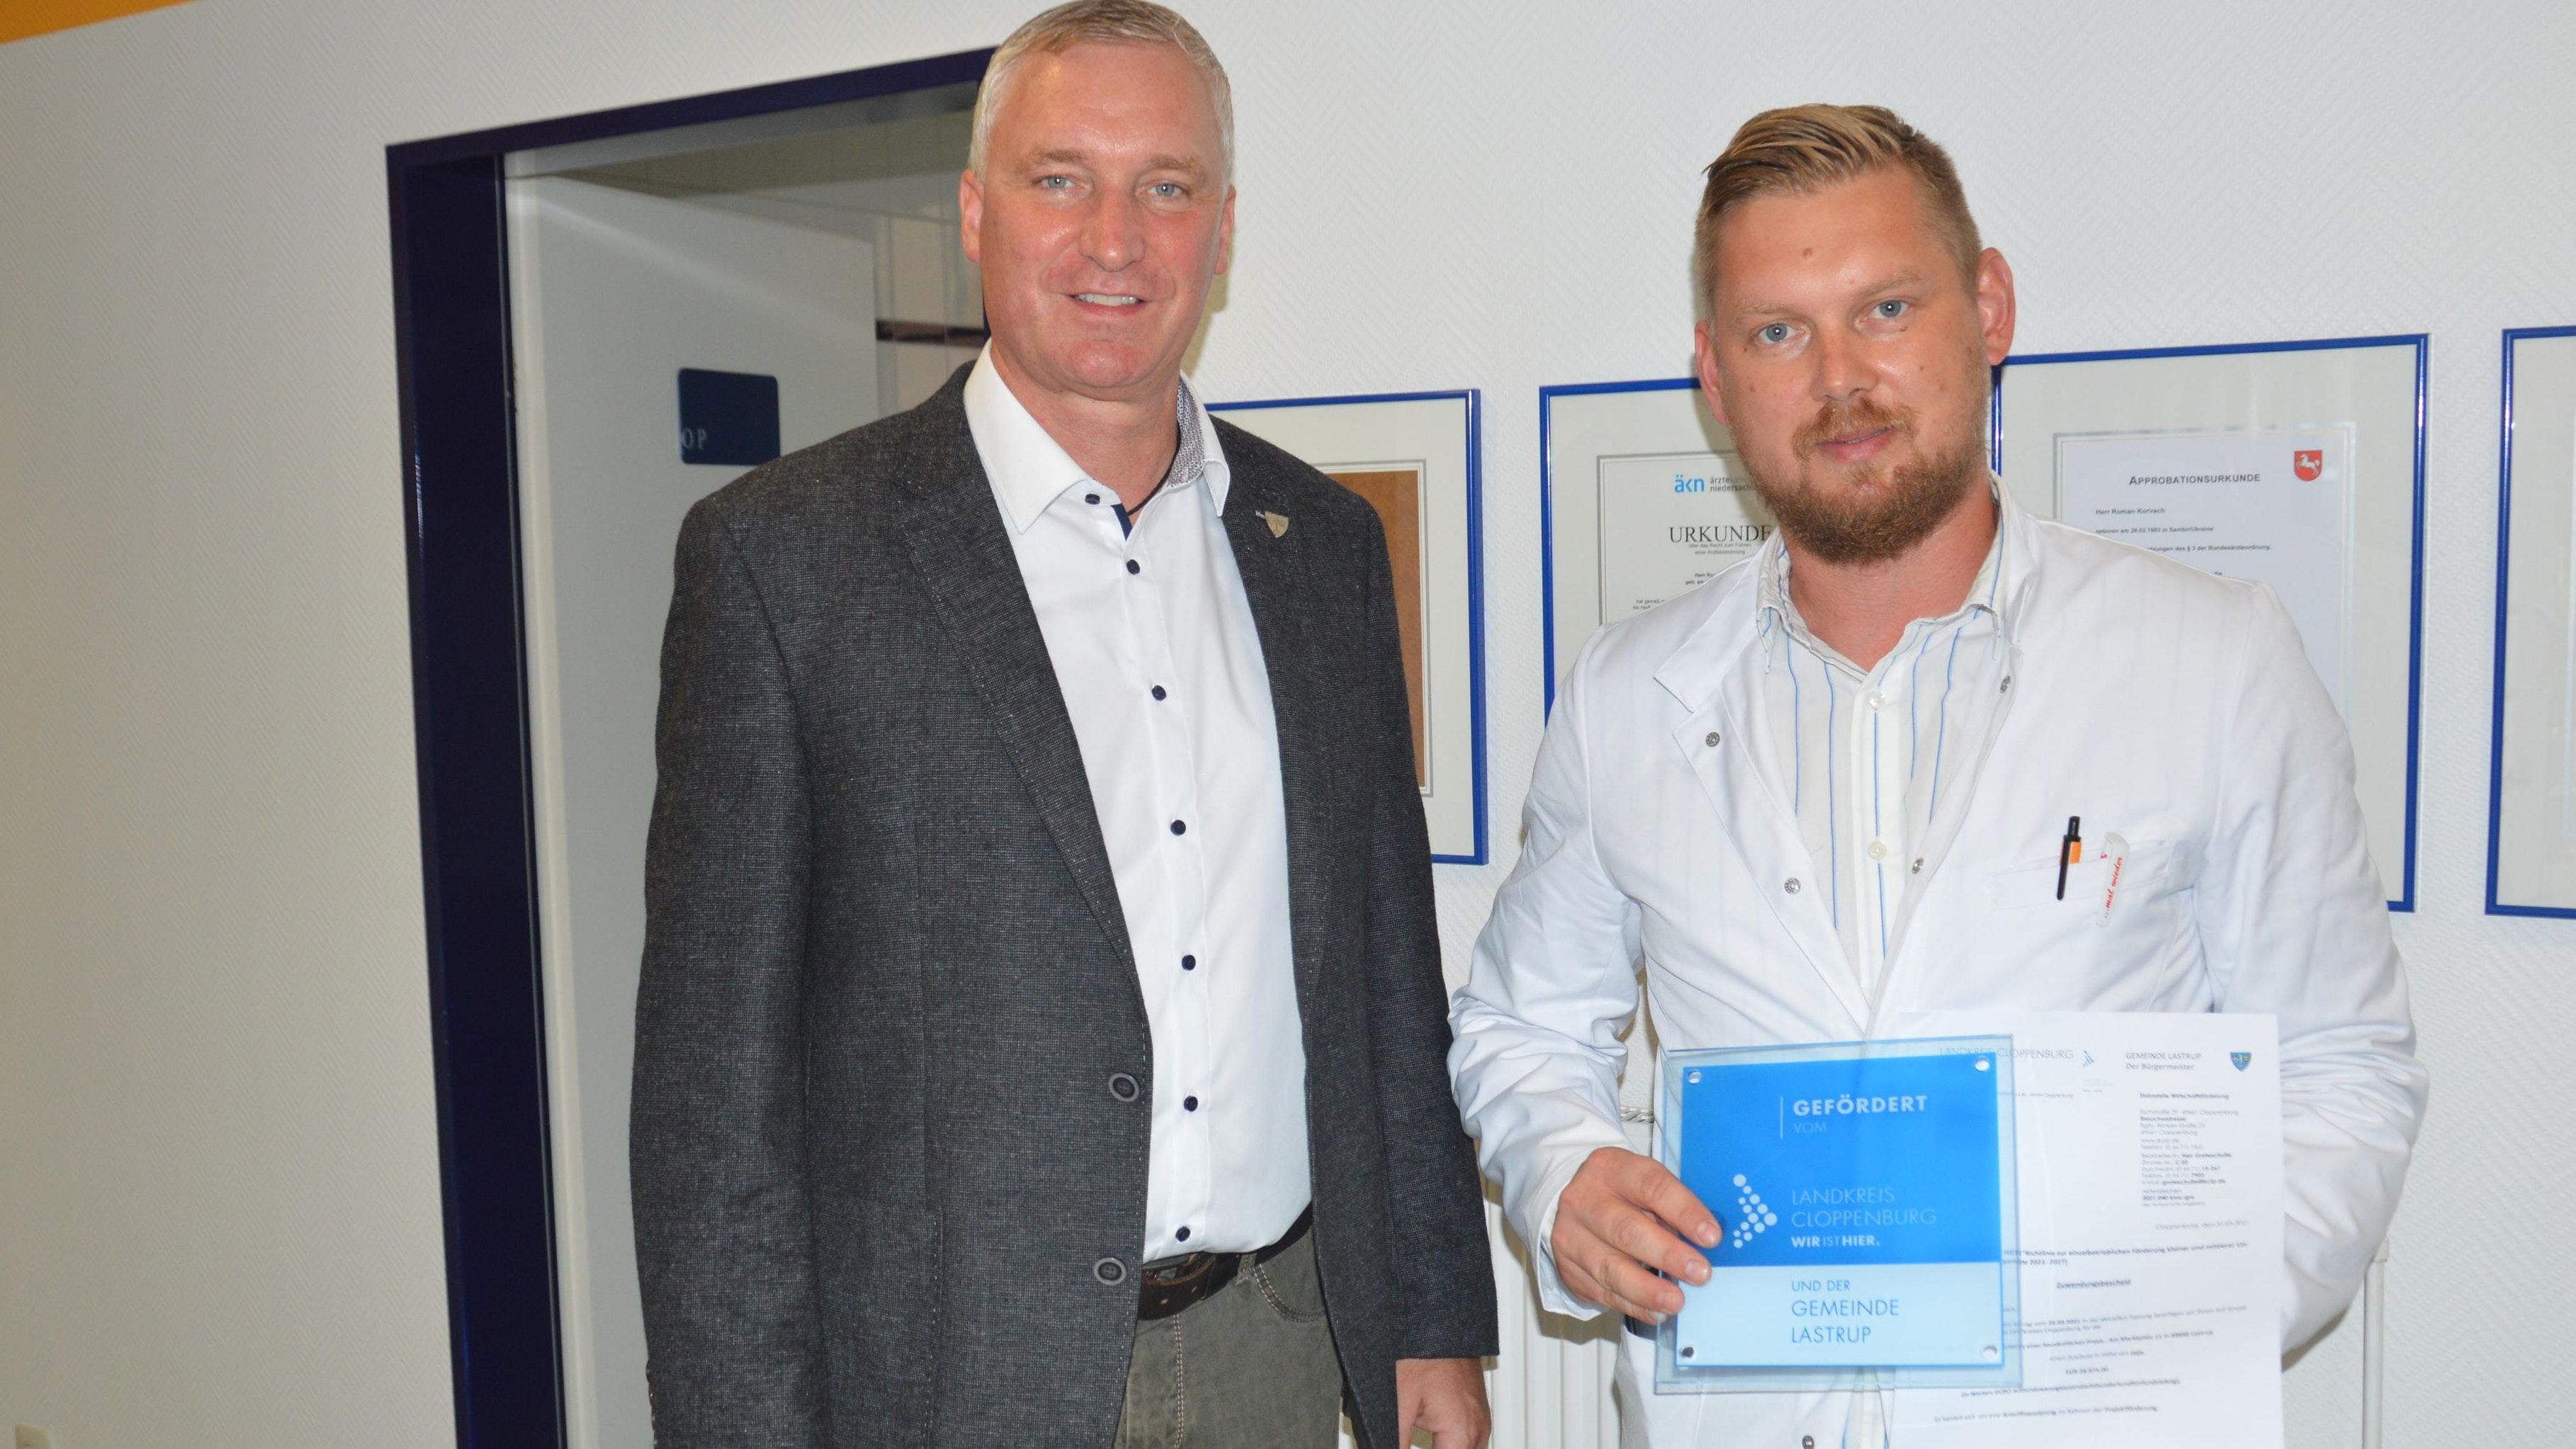 Starthilfe: Michael Kramer (links) überreicht dem neuen Arzt Roman Kovach den Förderbescheid. Foto: Landwehr